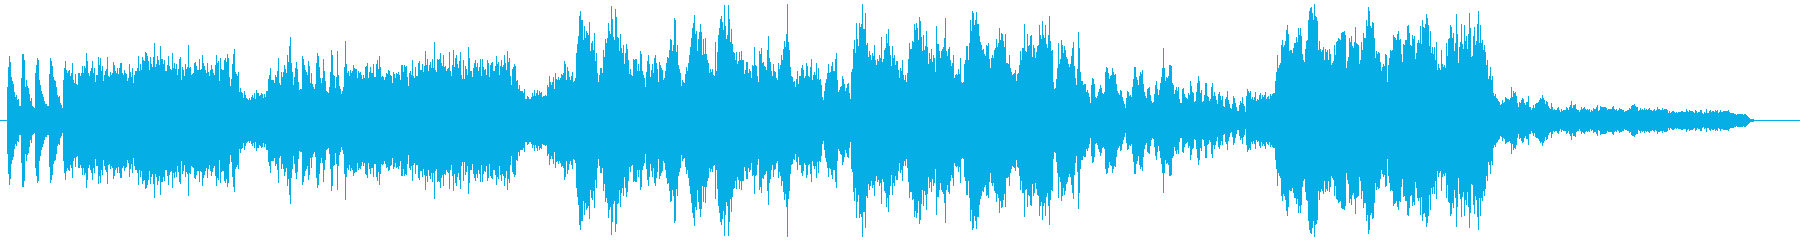 「バトロワ」などでお馴染のオーケストラ曲の再生済みの波形